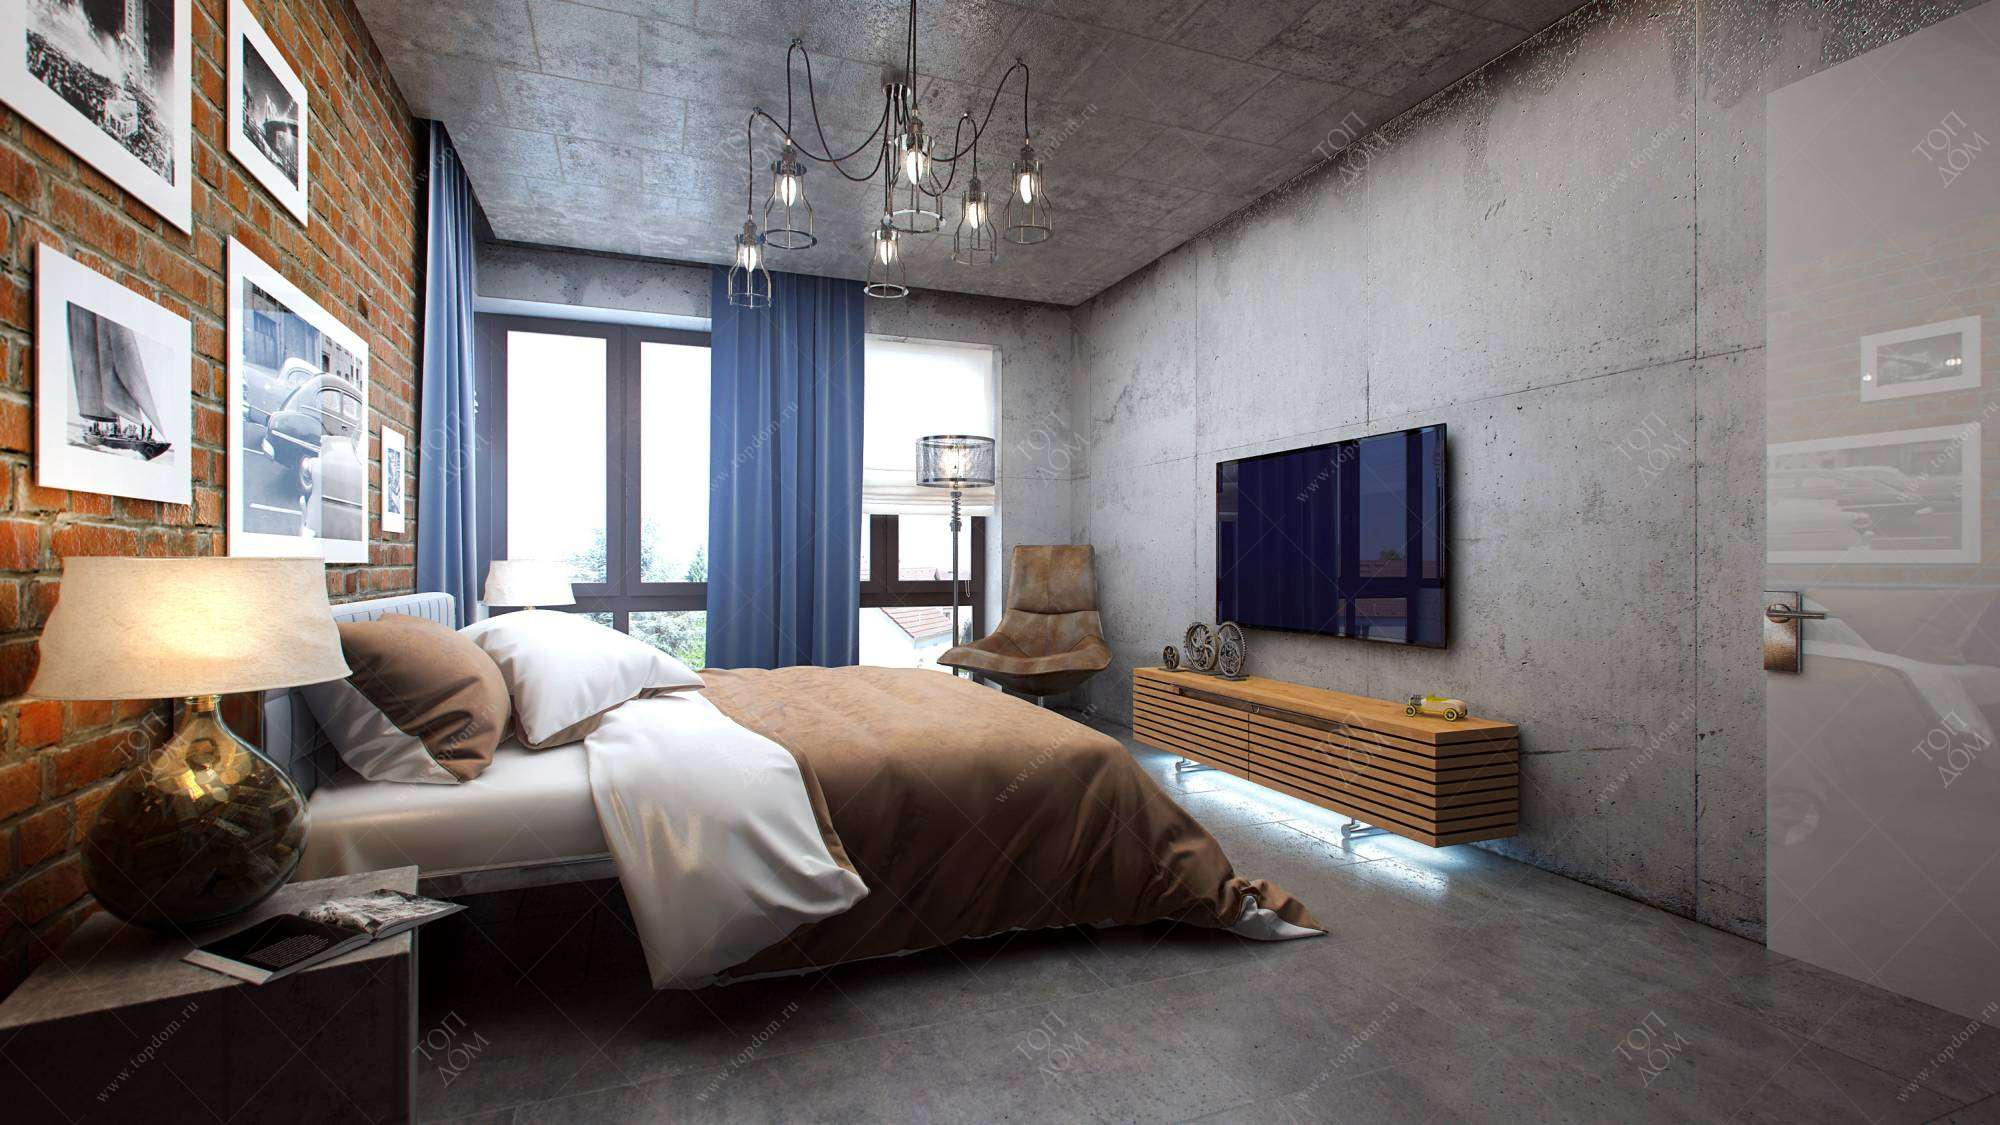 Фото и ремонт интерьера спальни